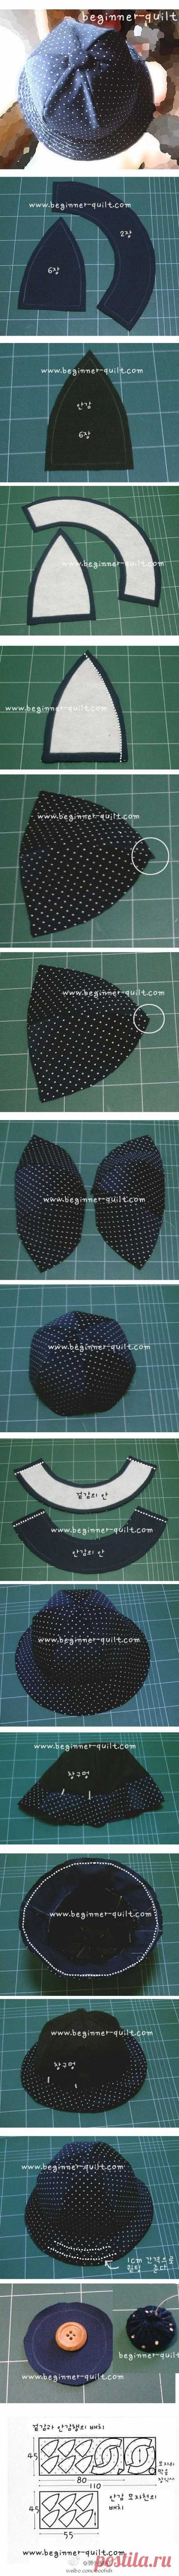 DIY Tutorial DIY Hats / DIY hat - Bead&Cord